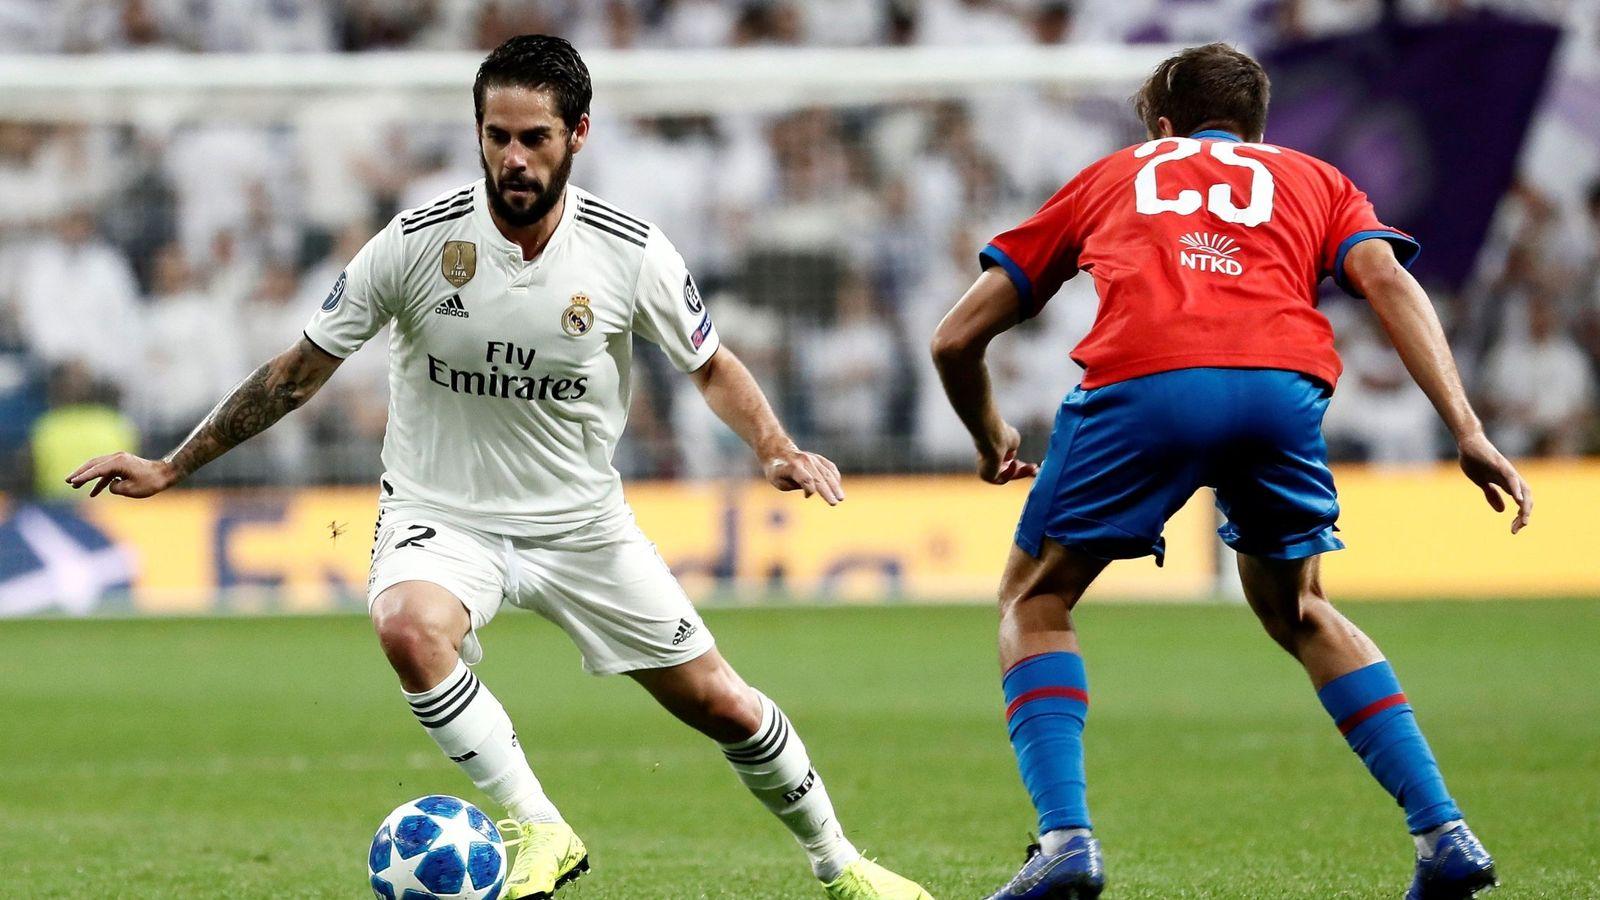 Foto: Real Madrid vs Viktoria Plzen. (Reuters)